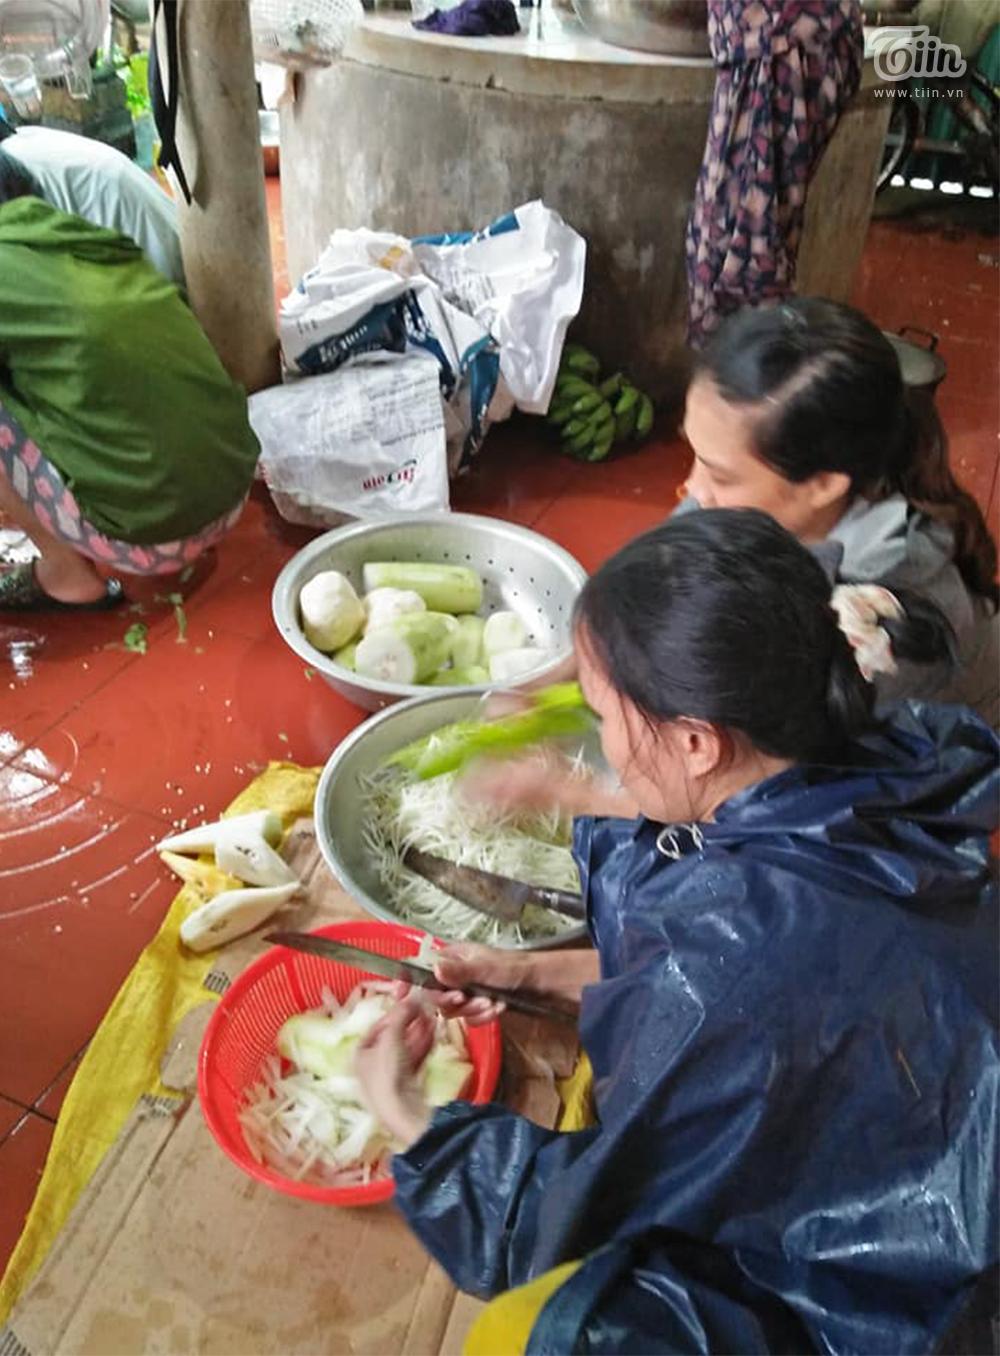 Quảng Trị: Ấm lòng người dân vùng lũ góp lương thực nấu đồ ăn tiếp tế cho vùng ngập nặng hơn 2